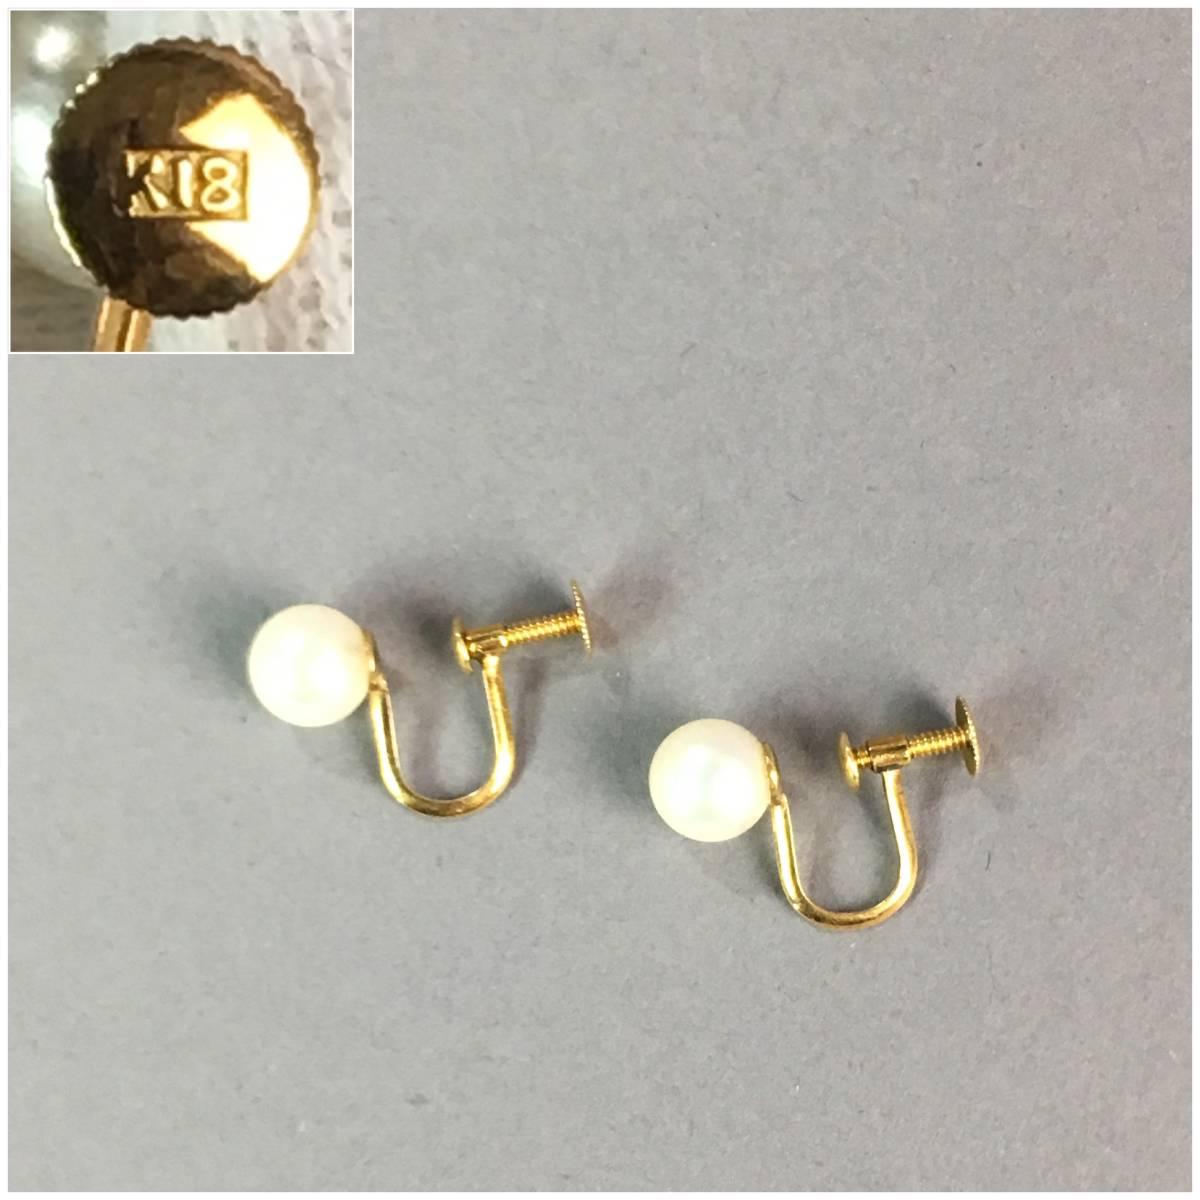 パール イヤリング 真珠 金具K18 18金製 重量2g 少しピンク色